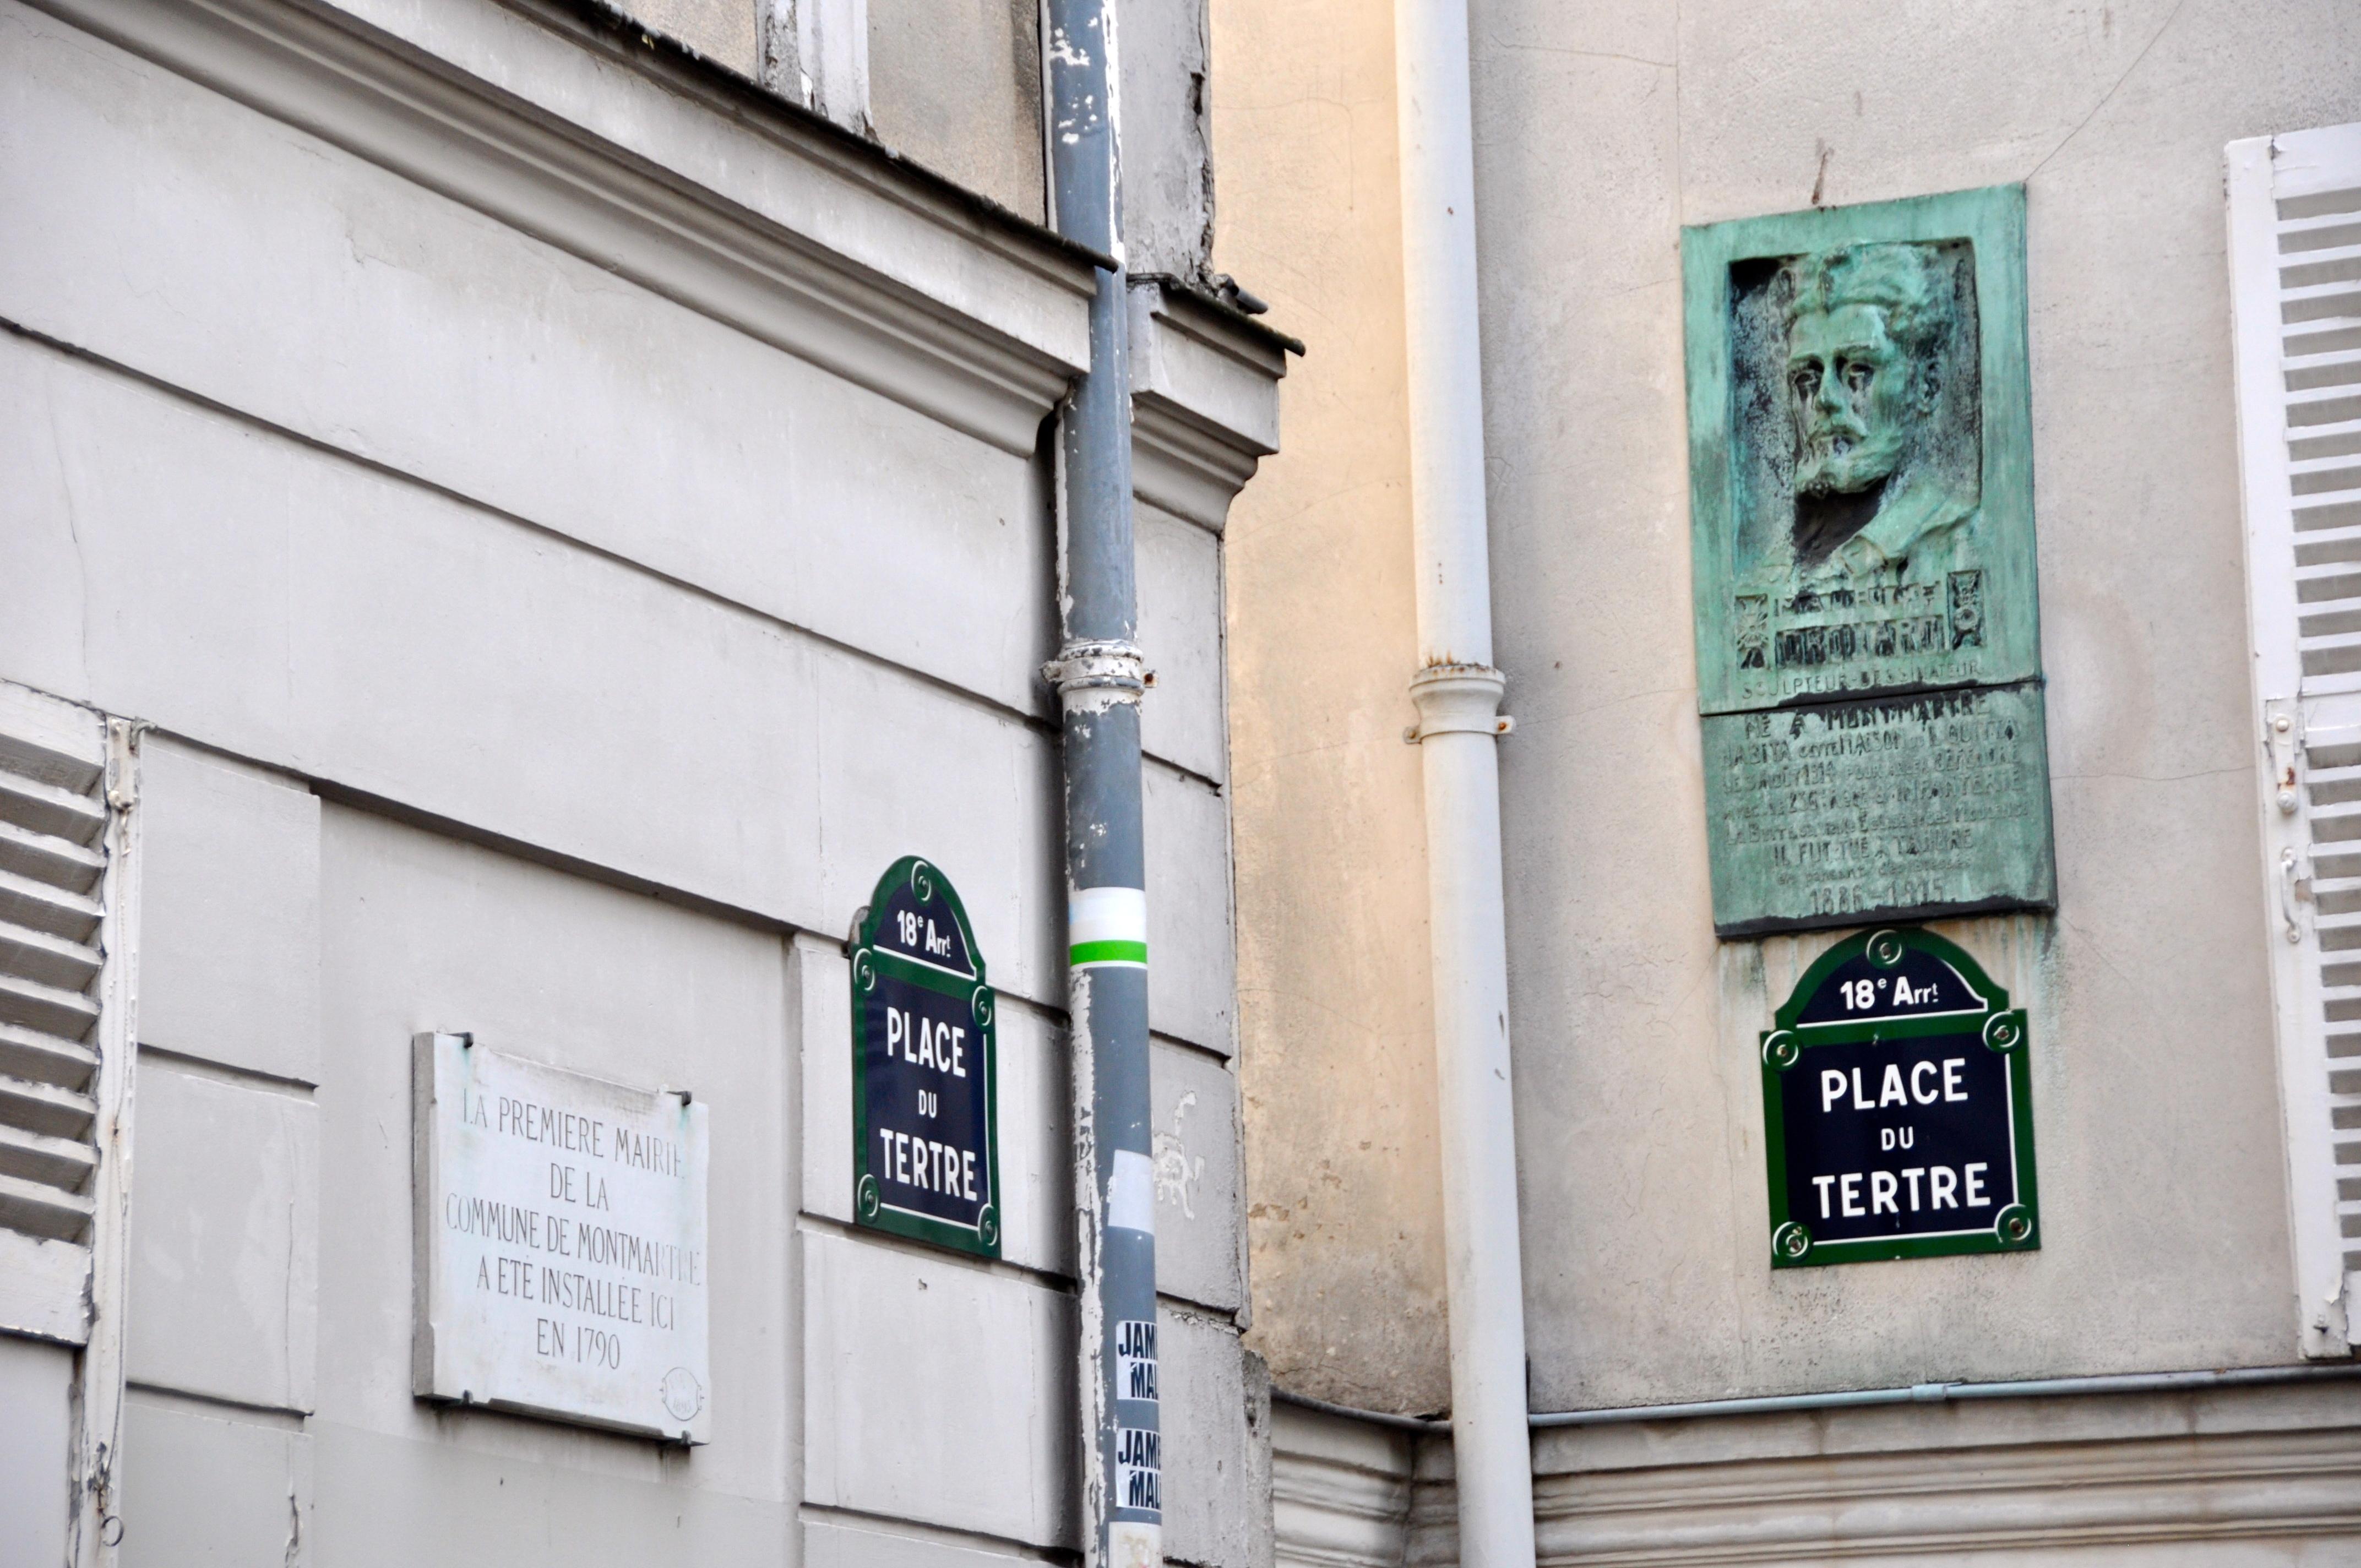 Première mairie de Montmatre, place du Tertre, Paris